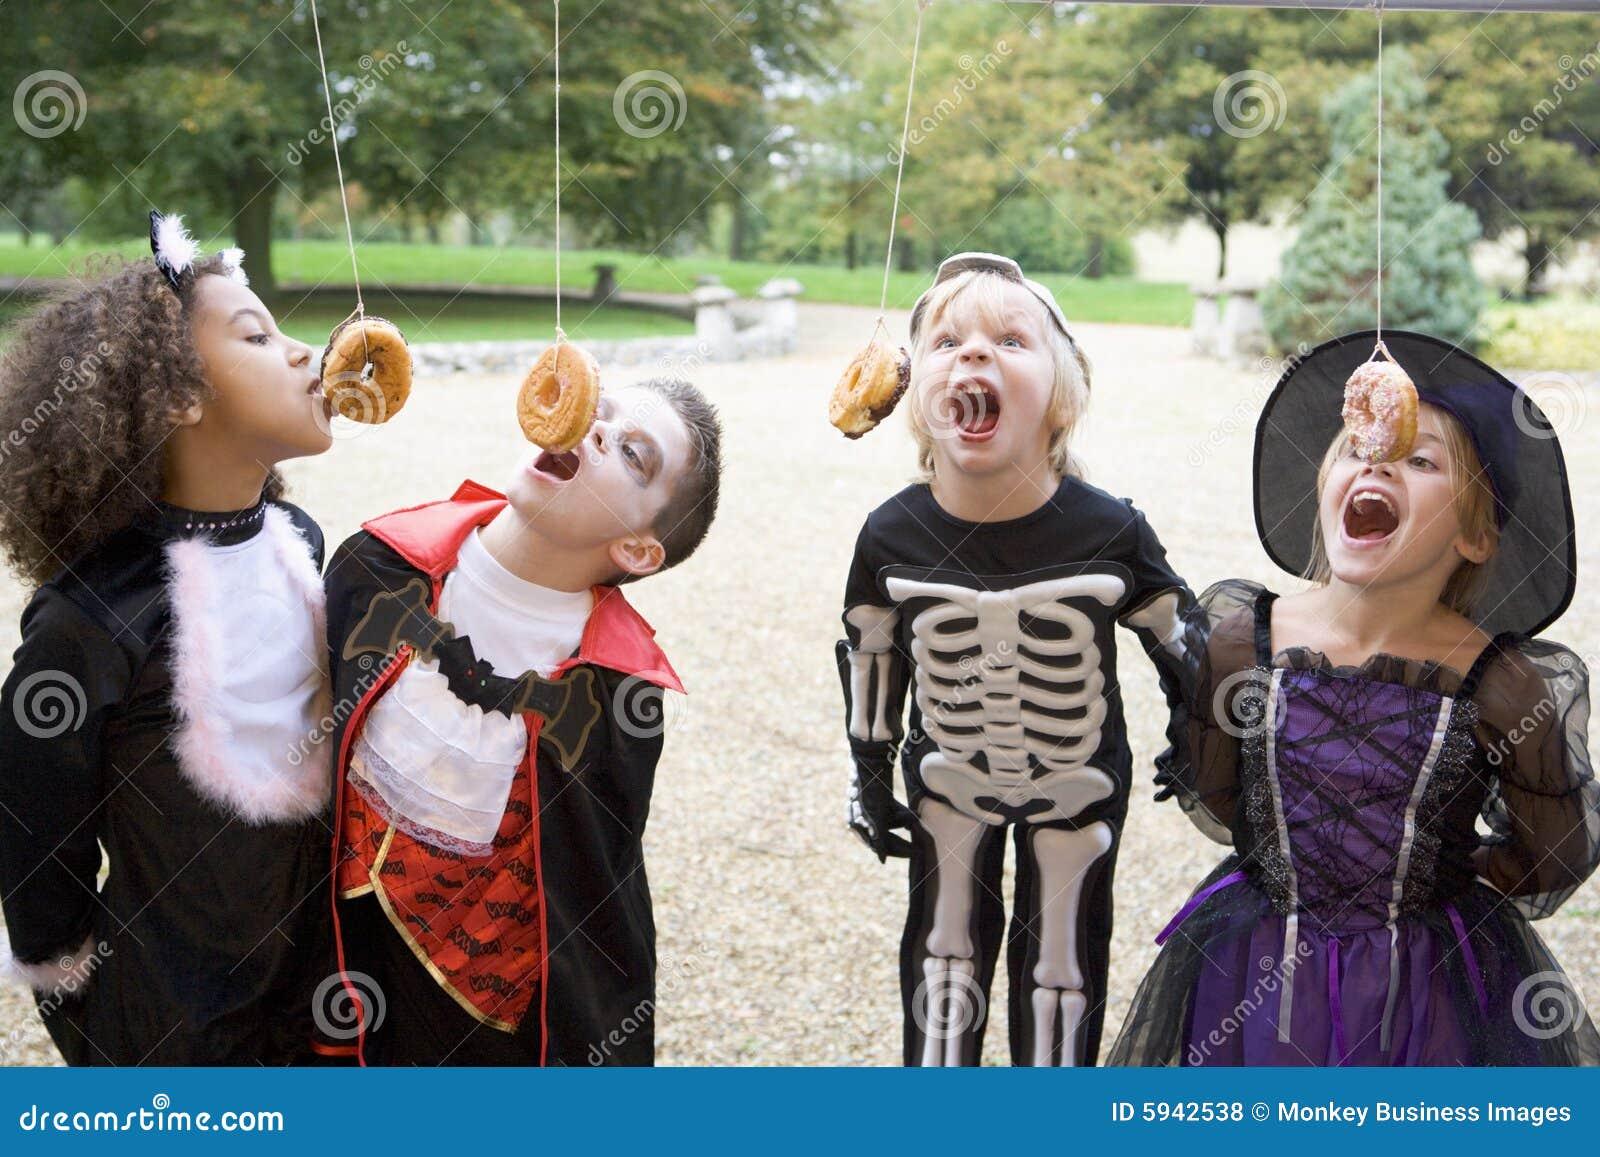 Vier jonge vrienden op Halloween in kostuums